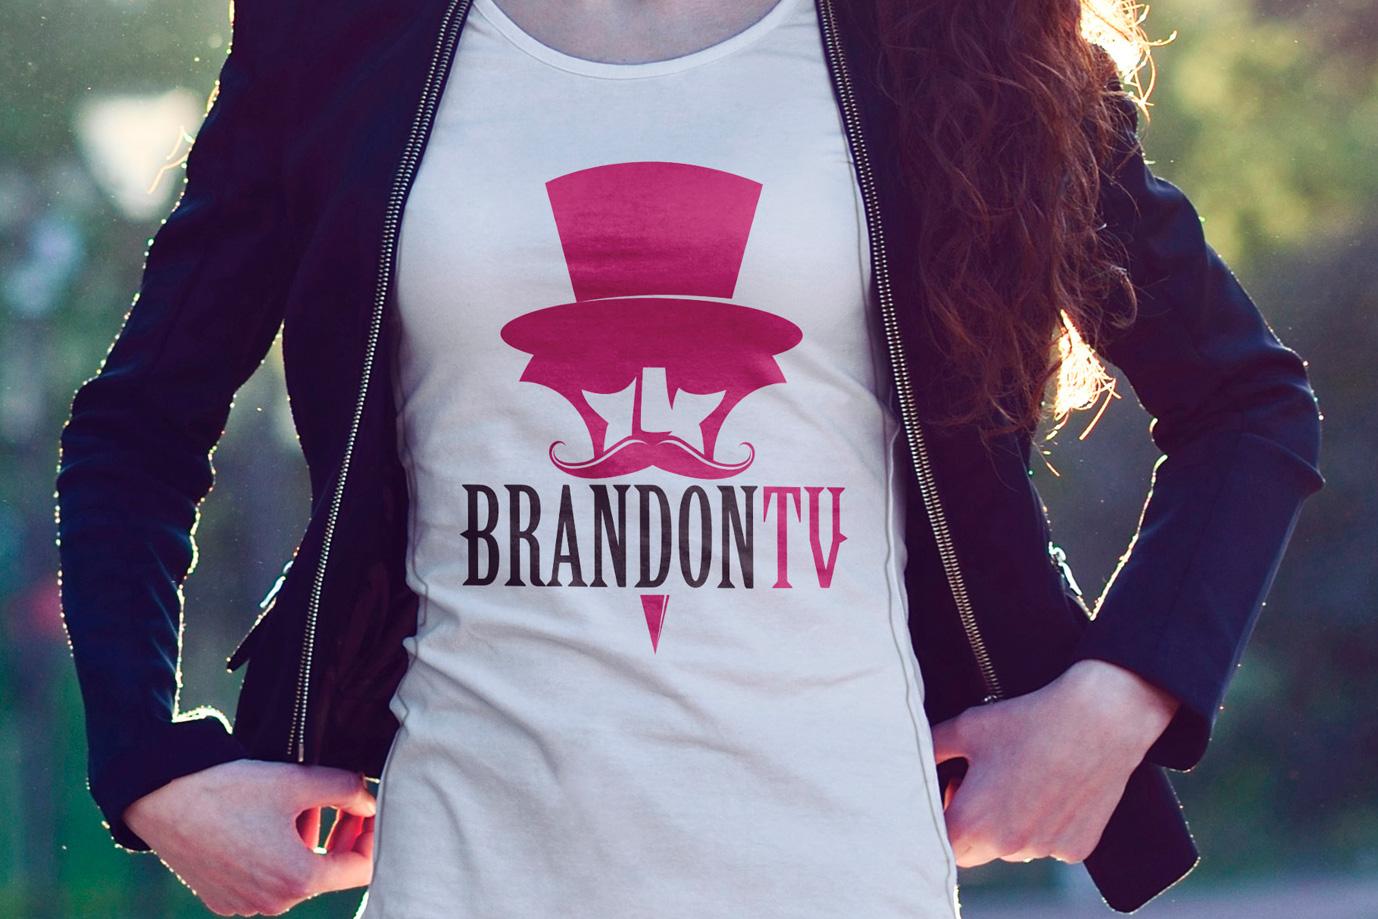 donna che indossa una tshirt con logo brandontv